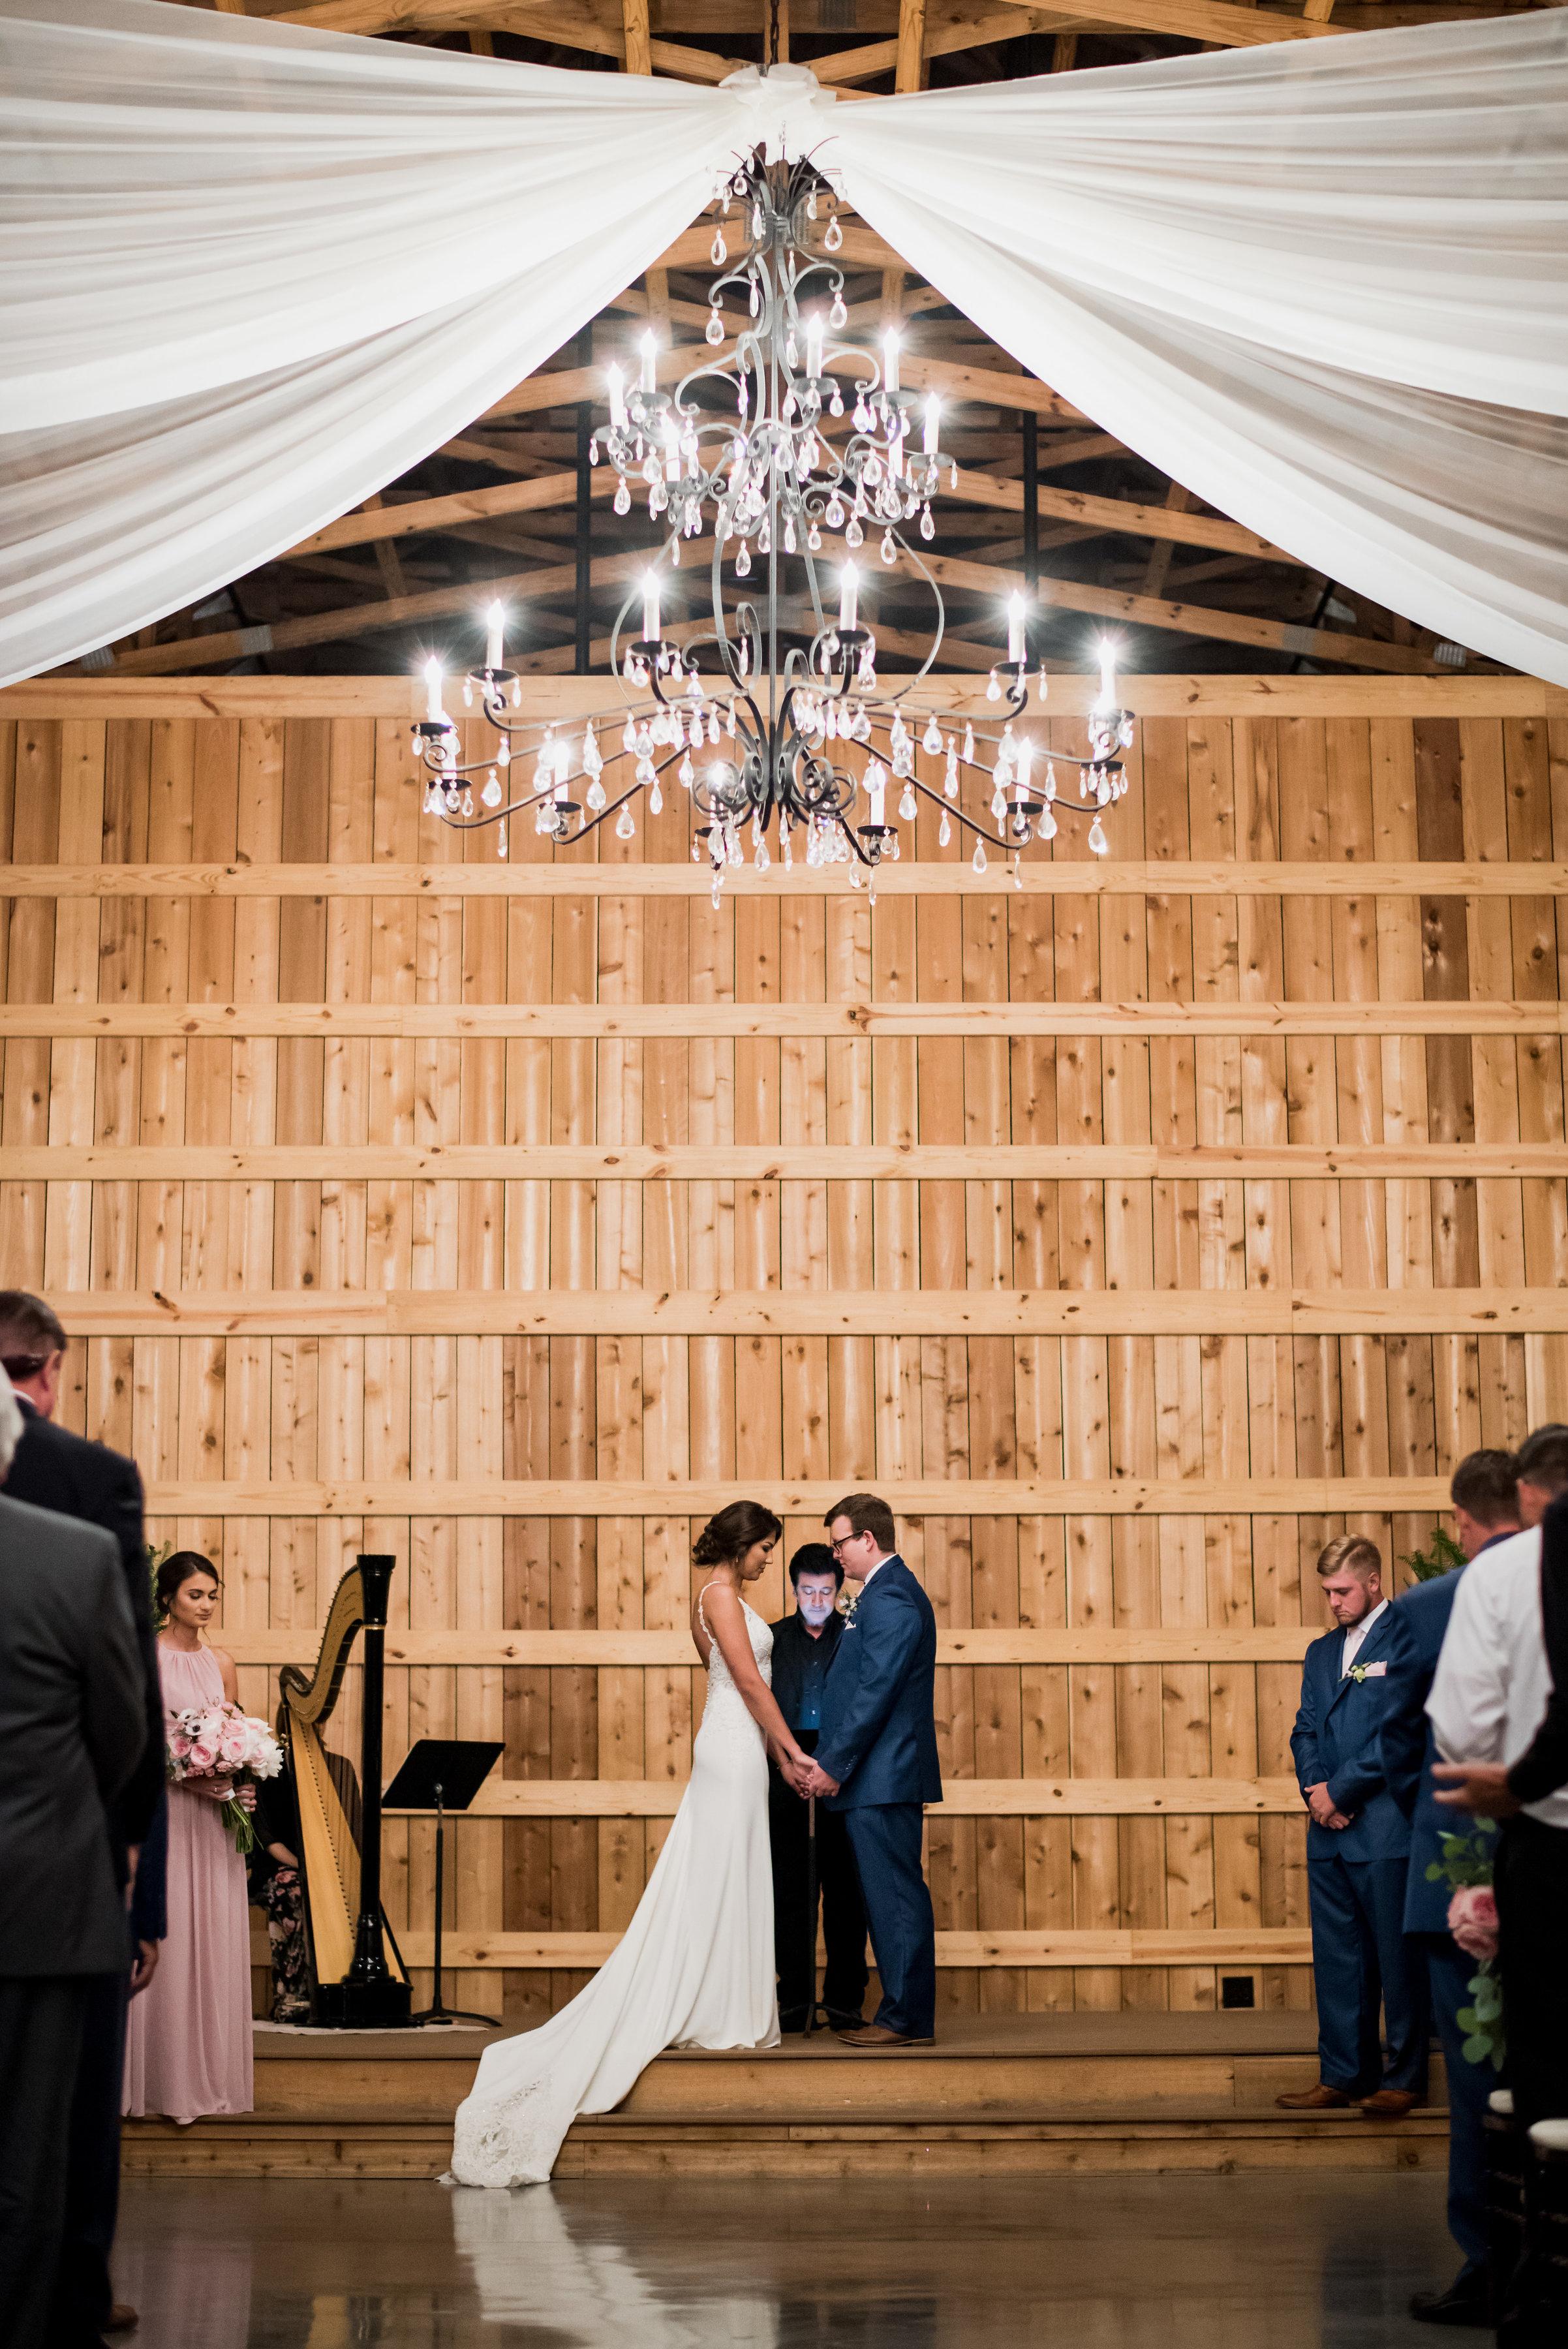 Saddlewood-Farms-Nashville-Wedding-Photographers-409.jpg